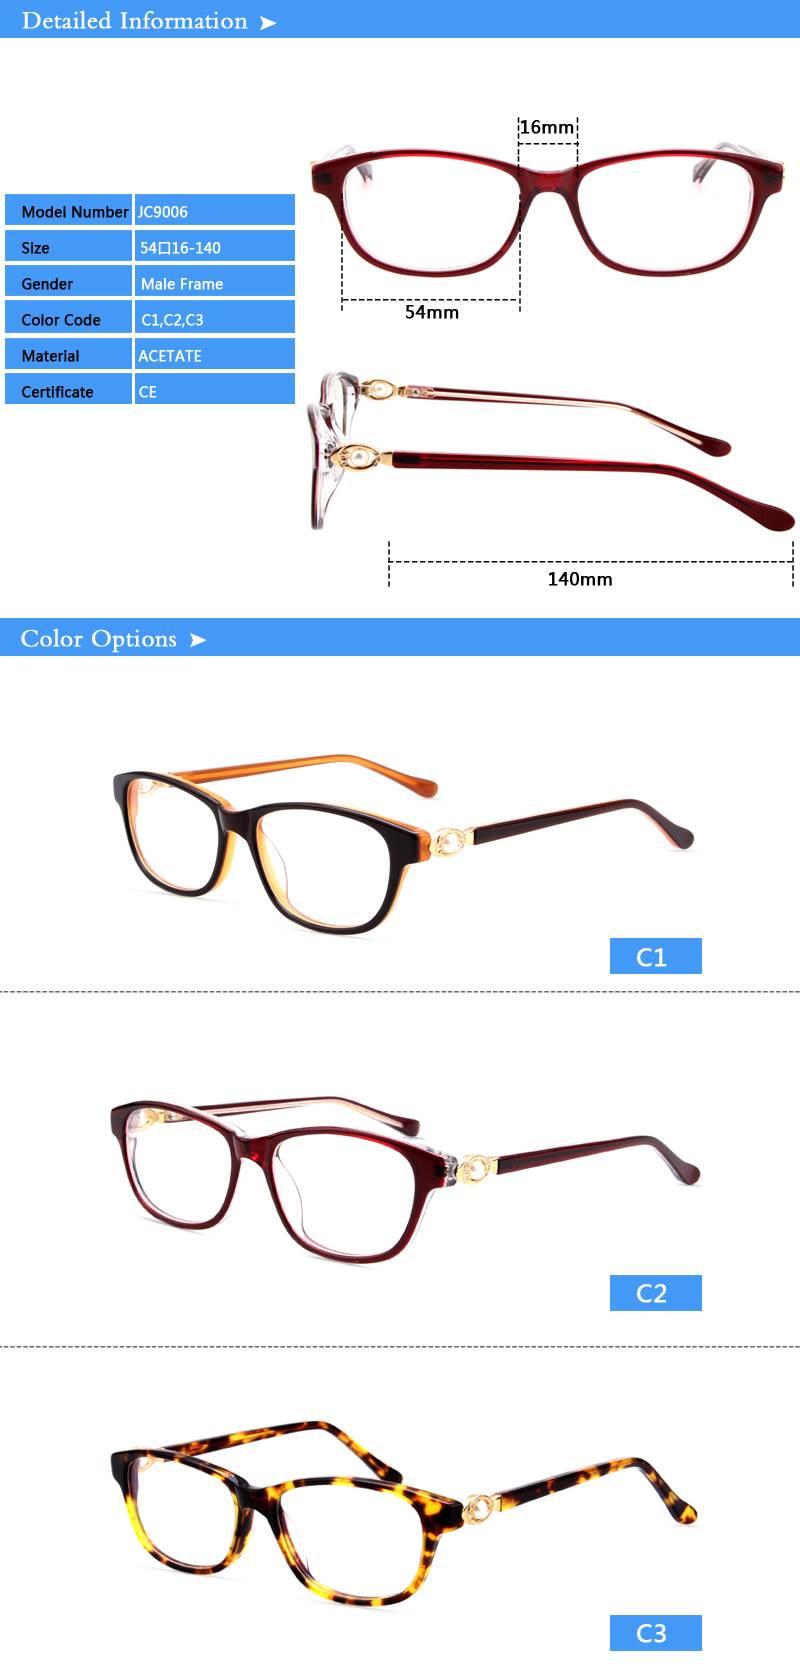 Fashion design acetate eyewear optical frame JC9006 ready in stock